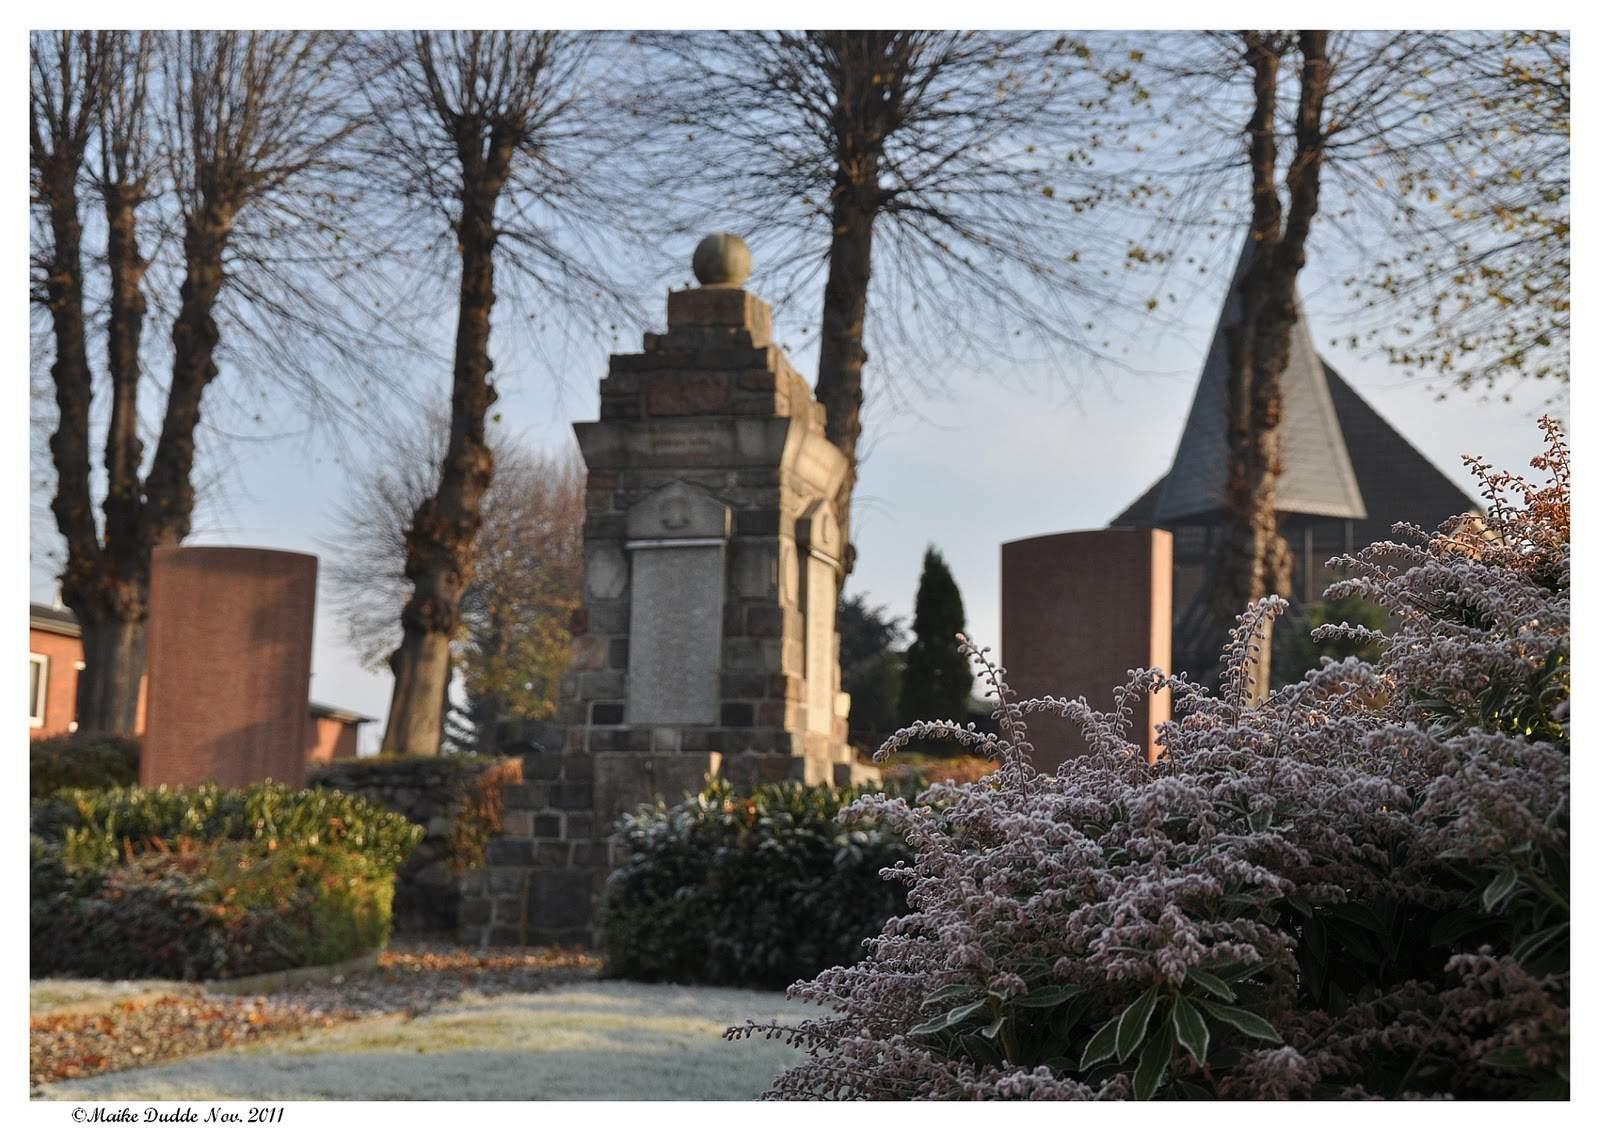 Häcksler Garten Das Beste Von Hohenaspe Eine Gemeinde Stellt Sich Vor November 2011